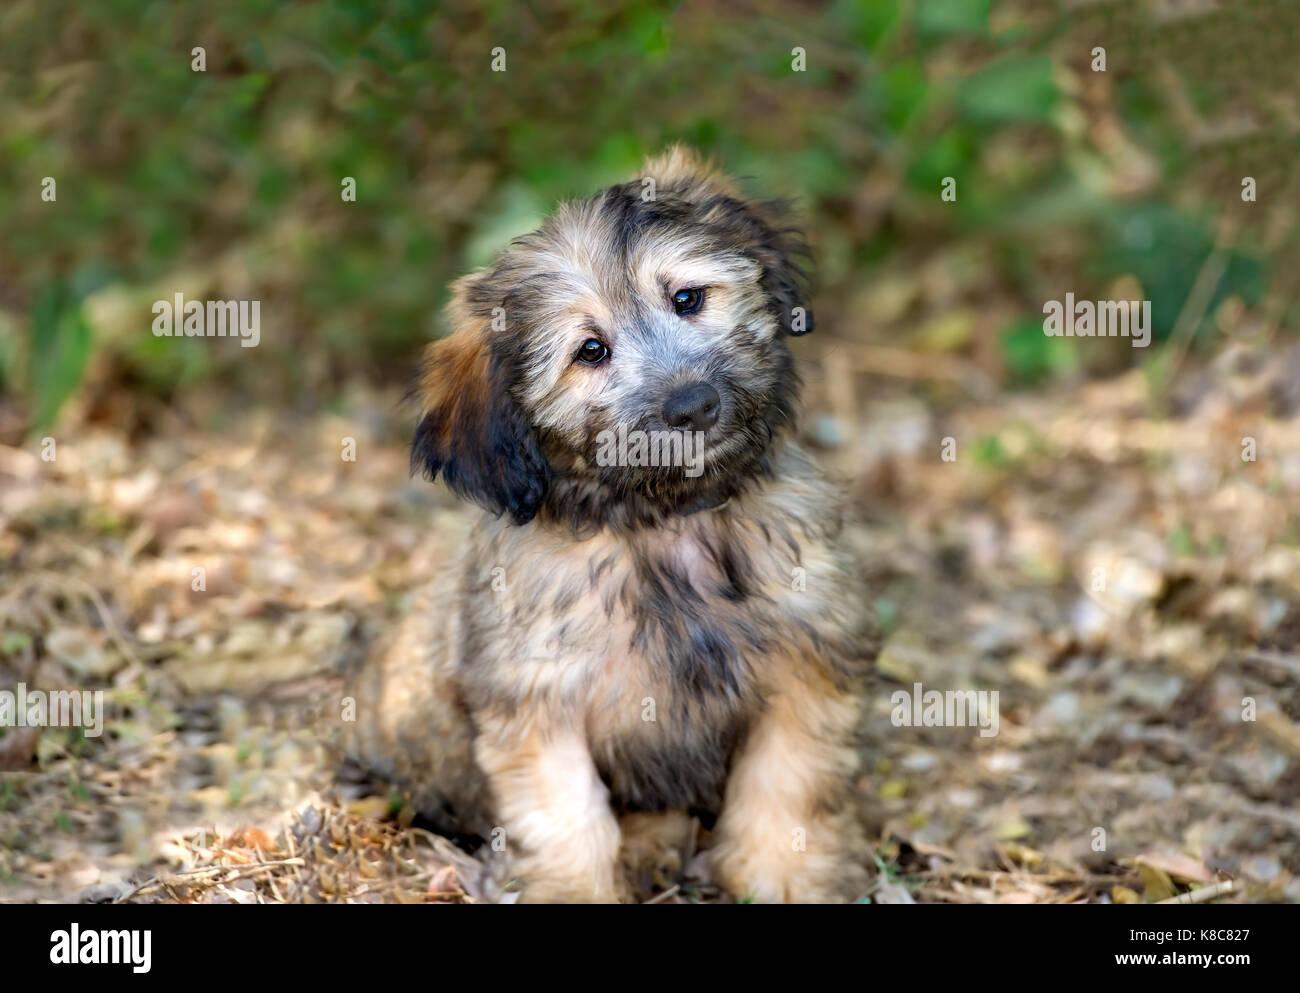 Puppy Dog Eyes Stock Photos Puppy Dog Eyes Stock Images Alamy